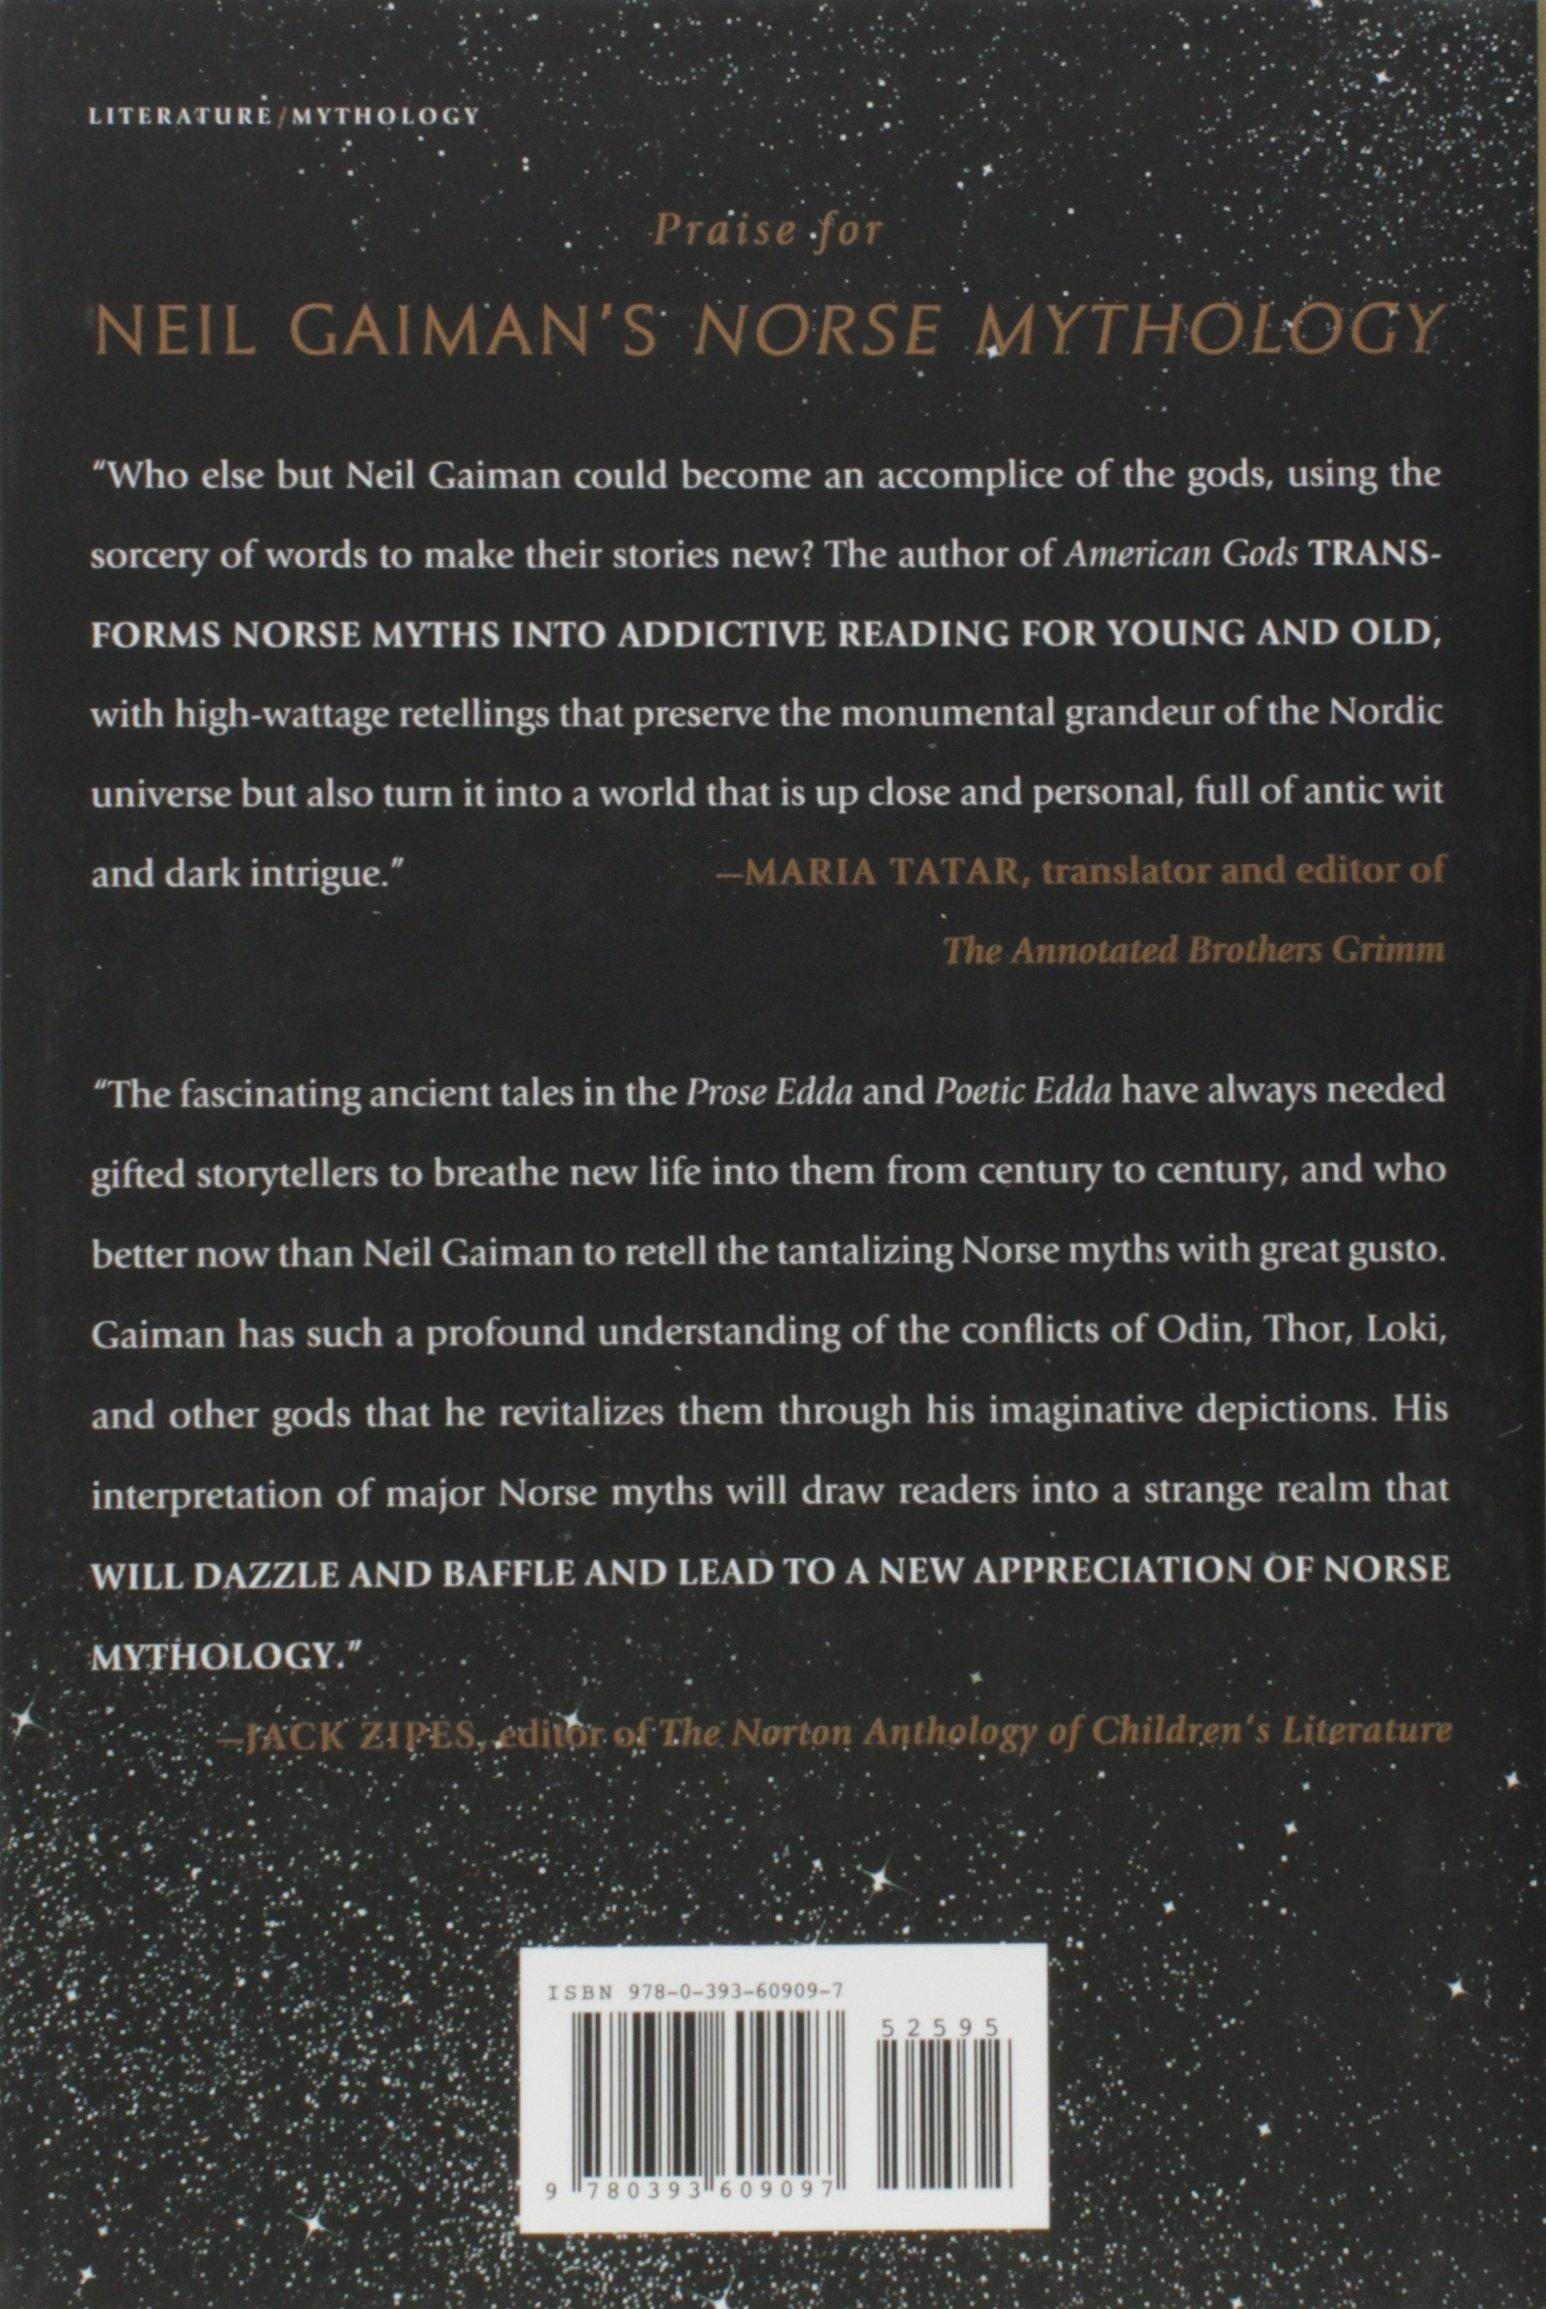 Norse Mythology: Neil Gaiman: 9780393609097: Amazon com: Books